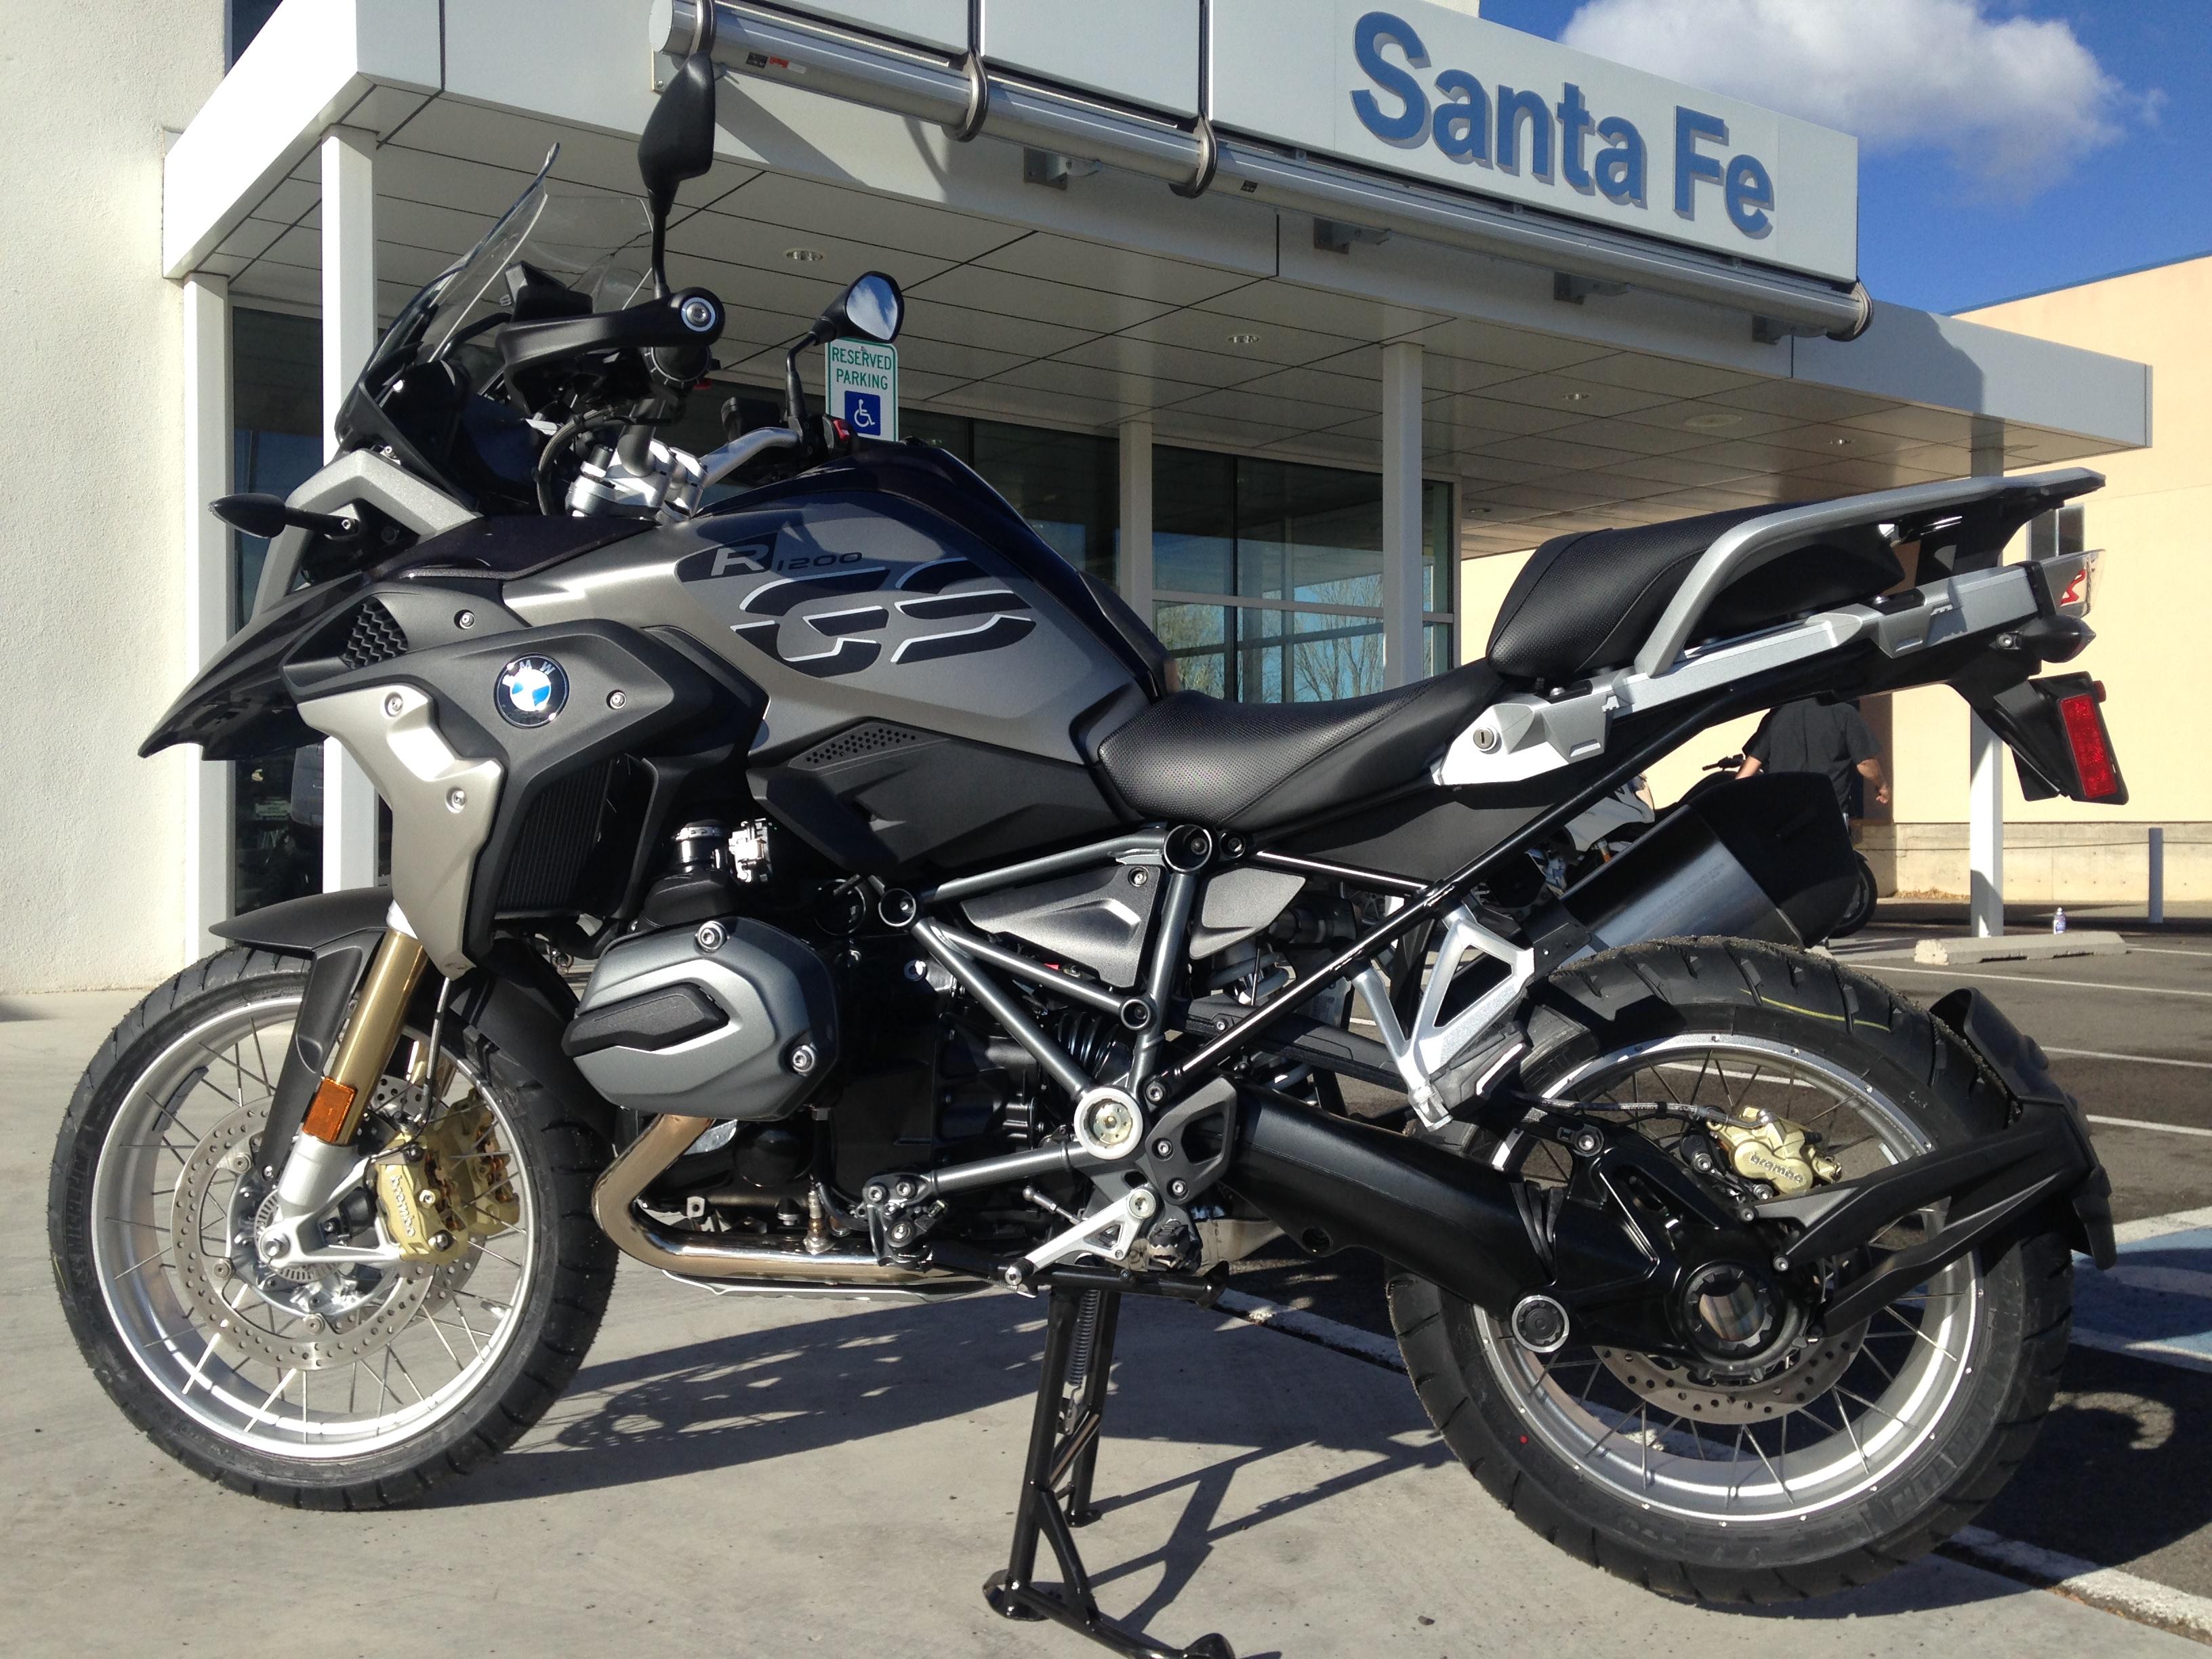 Santa Fe Bmw Motorcycle Service